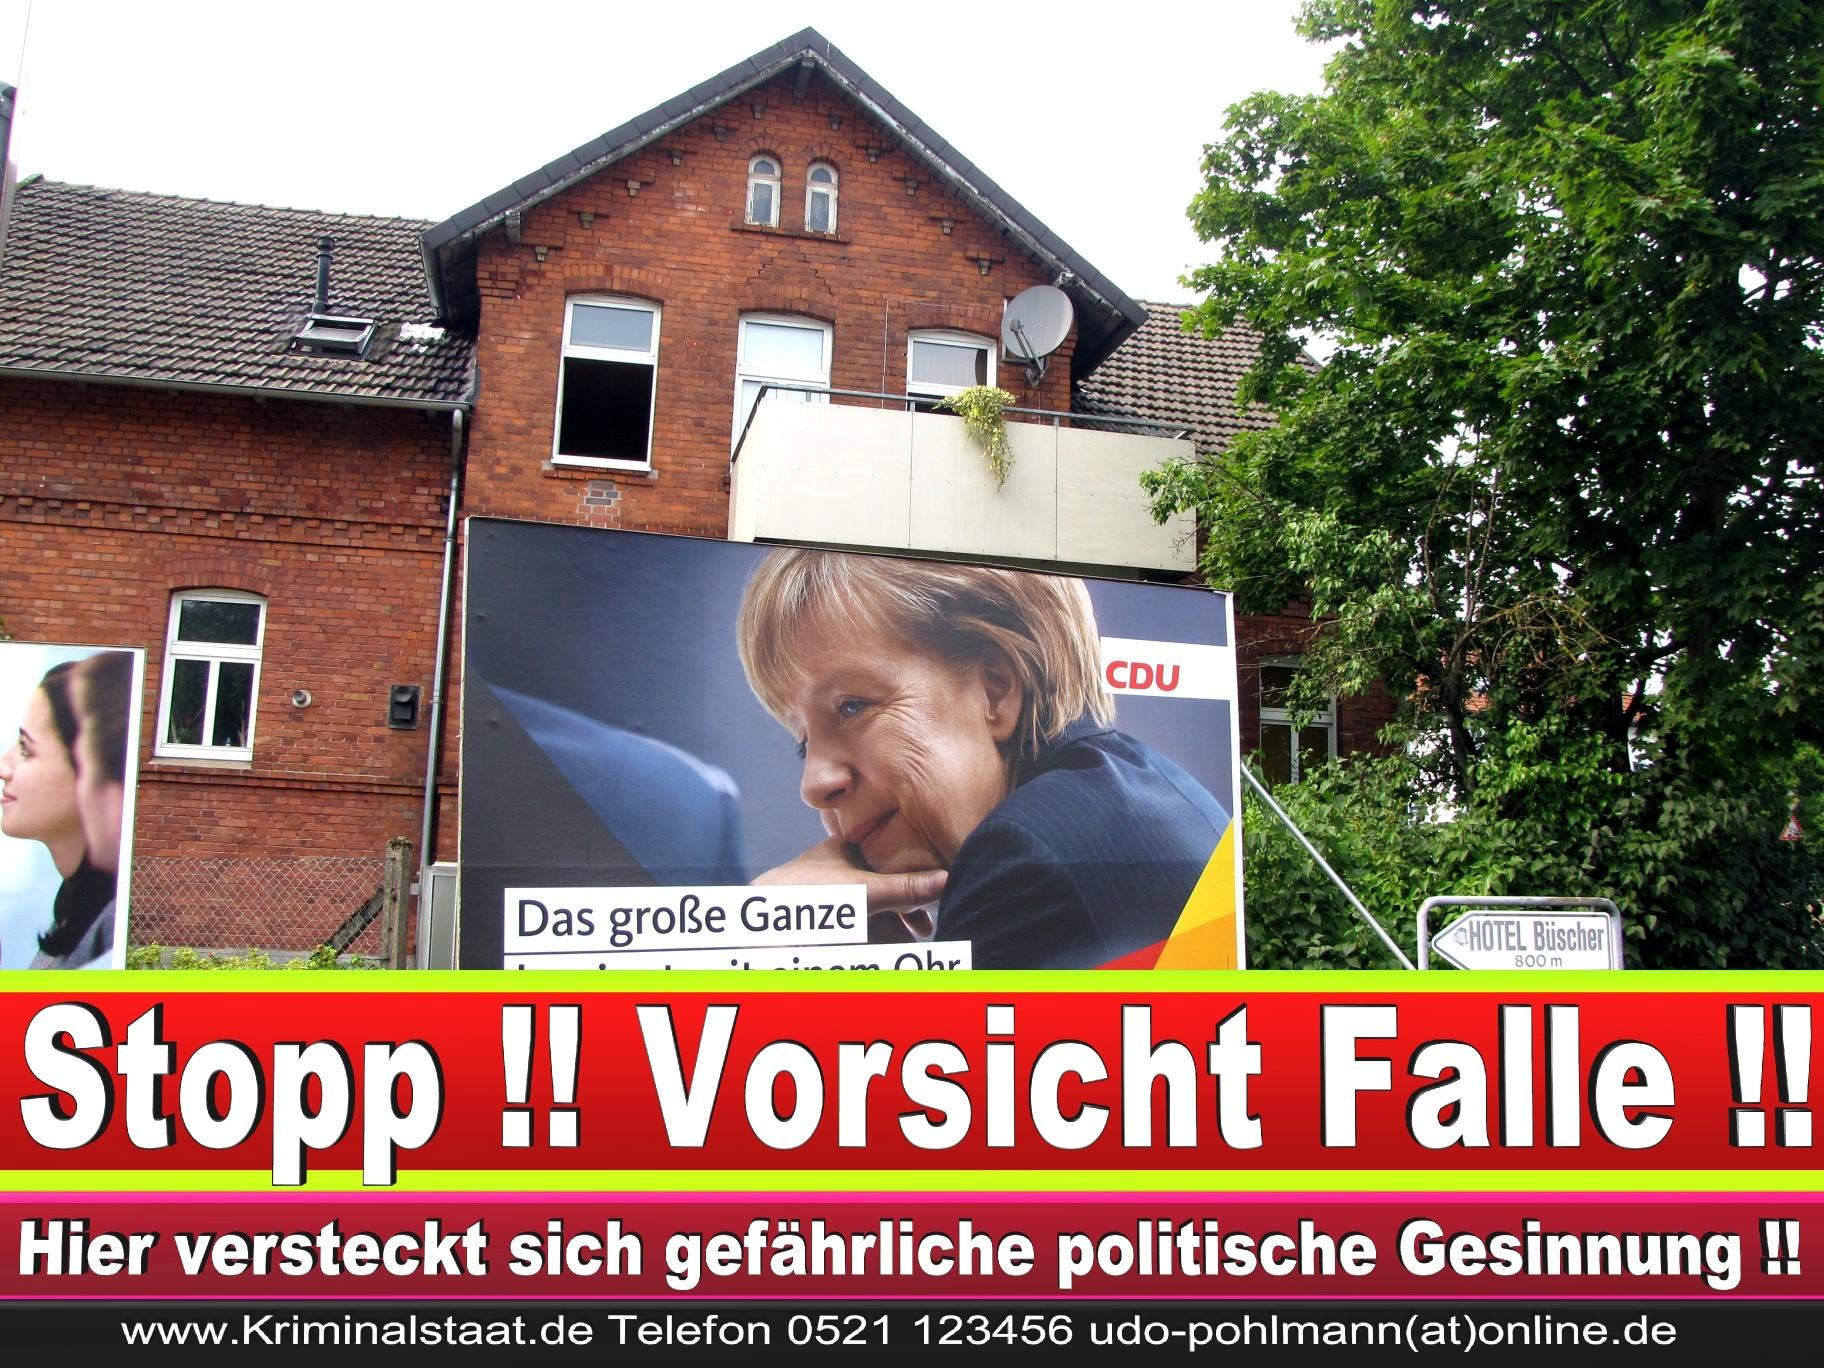 Wahlwerbung Wahlplakate Landtagswahl 2019 Europawahl CDU SPD FDP 2021 (82)